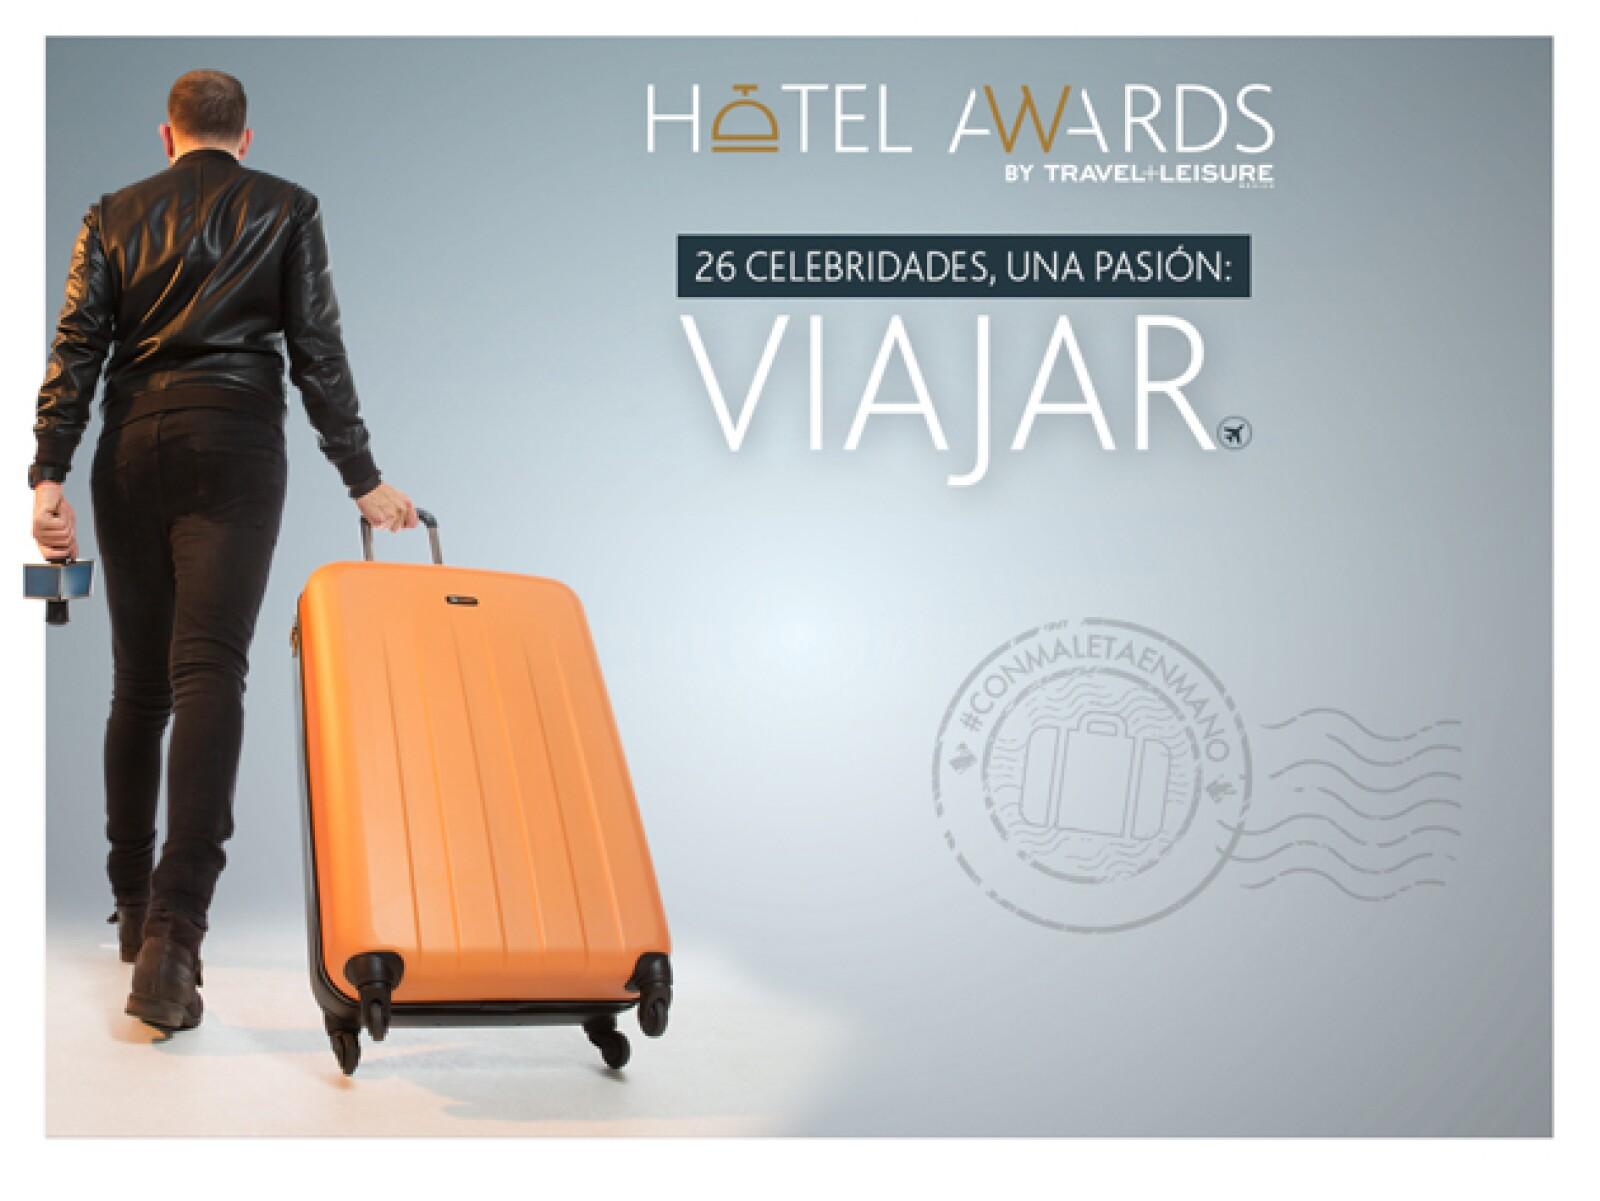 Ha recorrido destinos inigualables #ConMaletaEnMano,despertando su pasión por viajar.